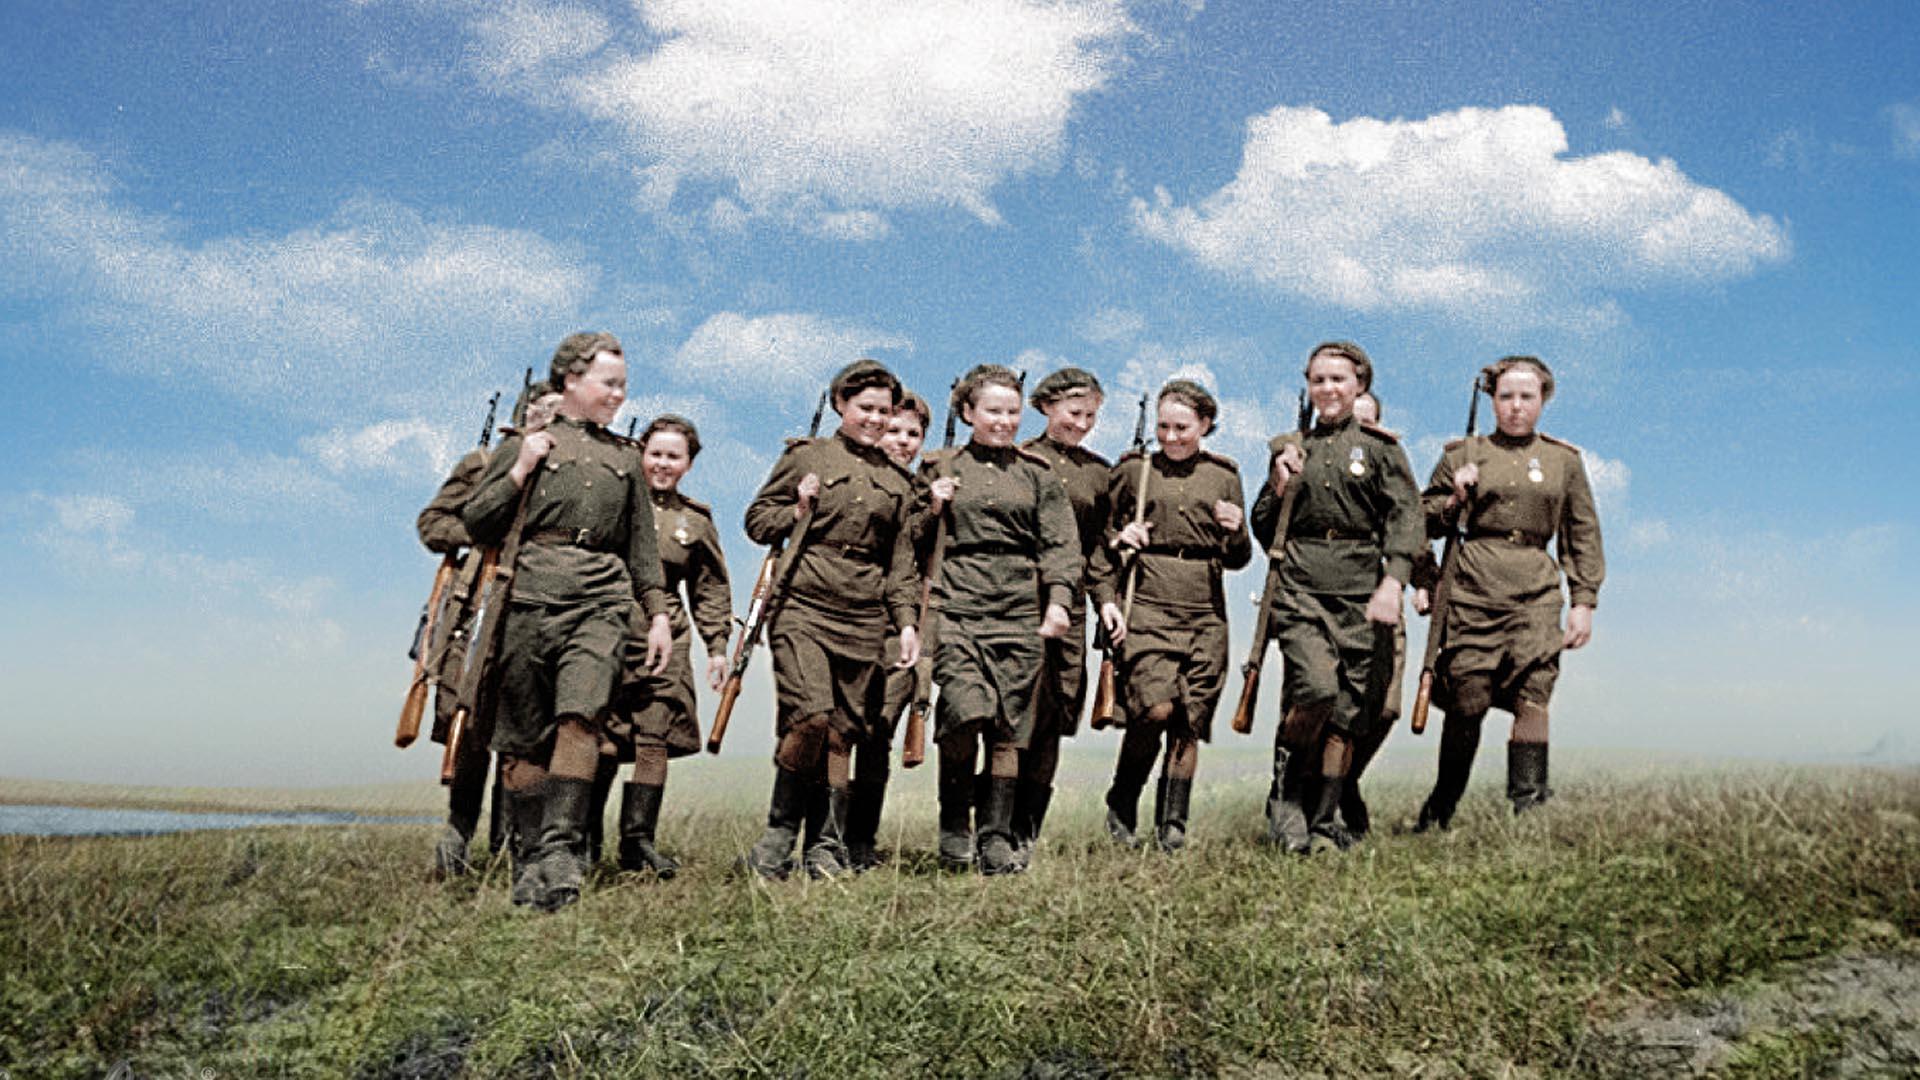 Charla histórica │ Mujeres en la segunda guerra mundial y reconstrucción de Europa │ 26 de julio